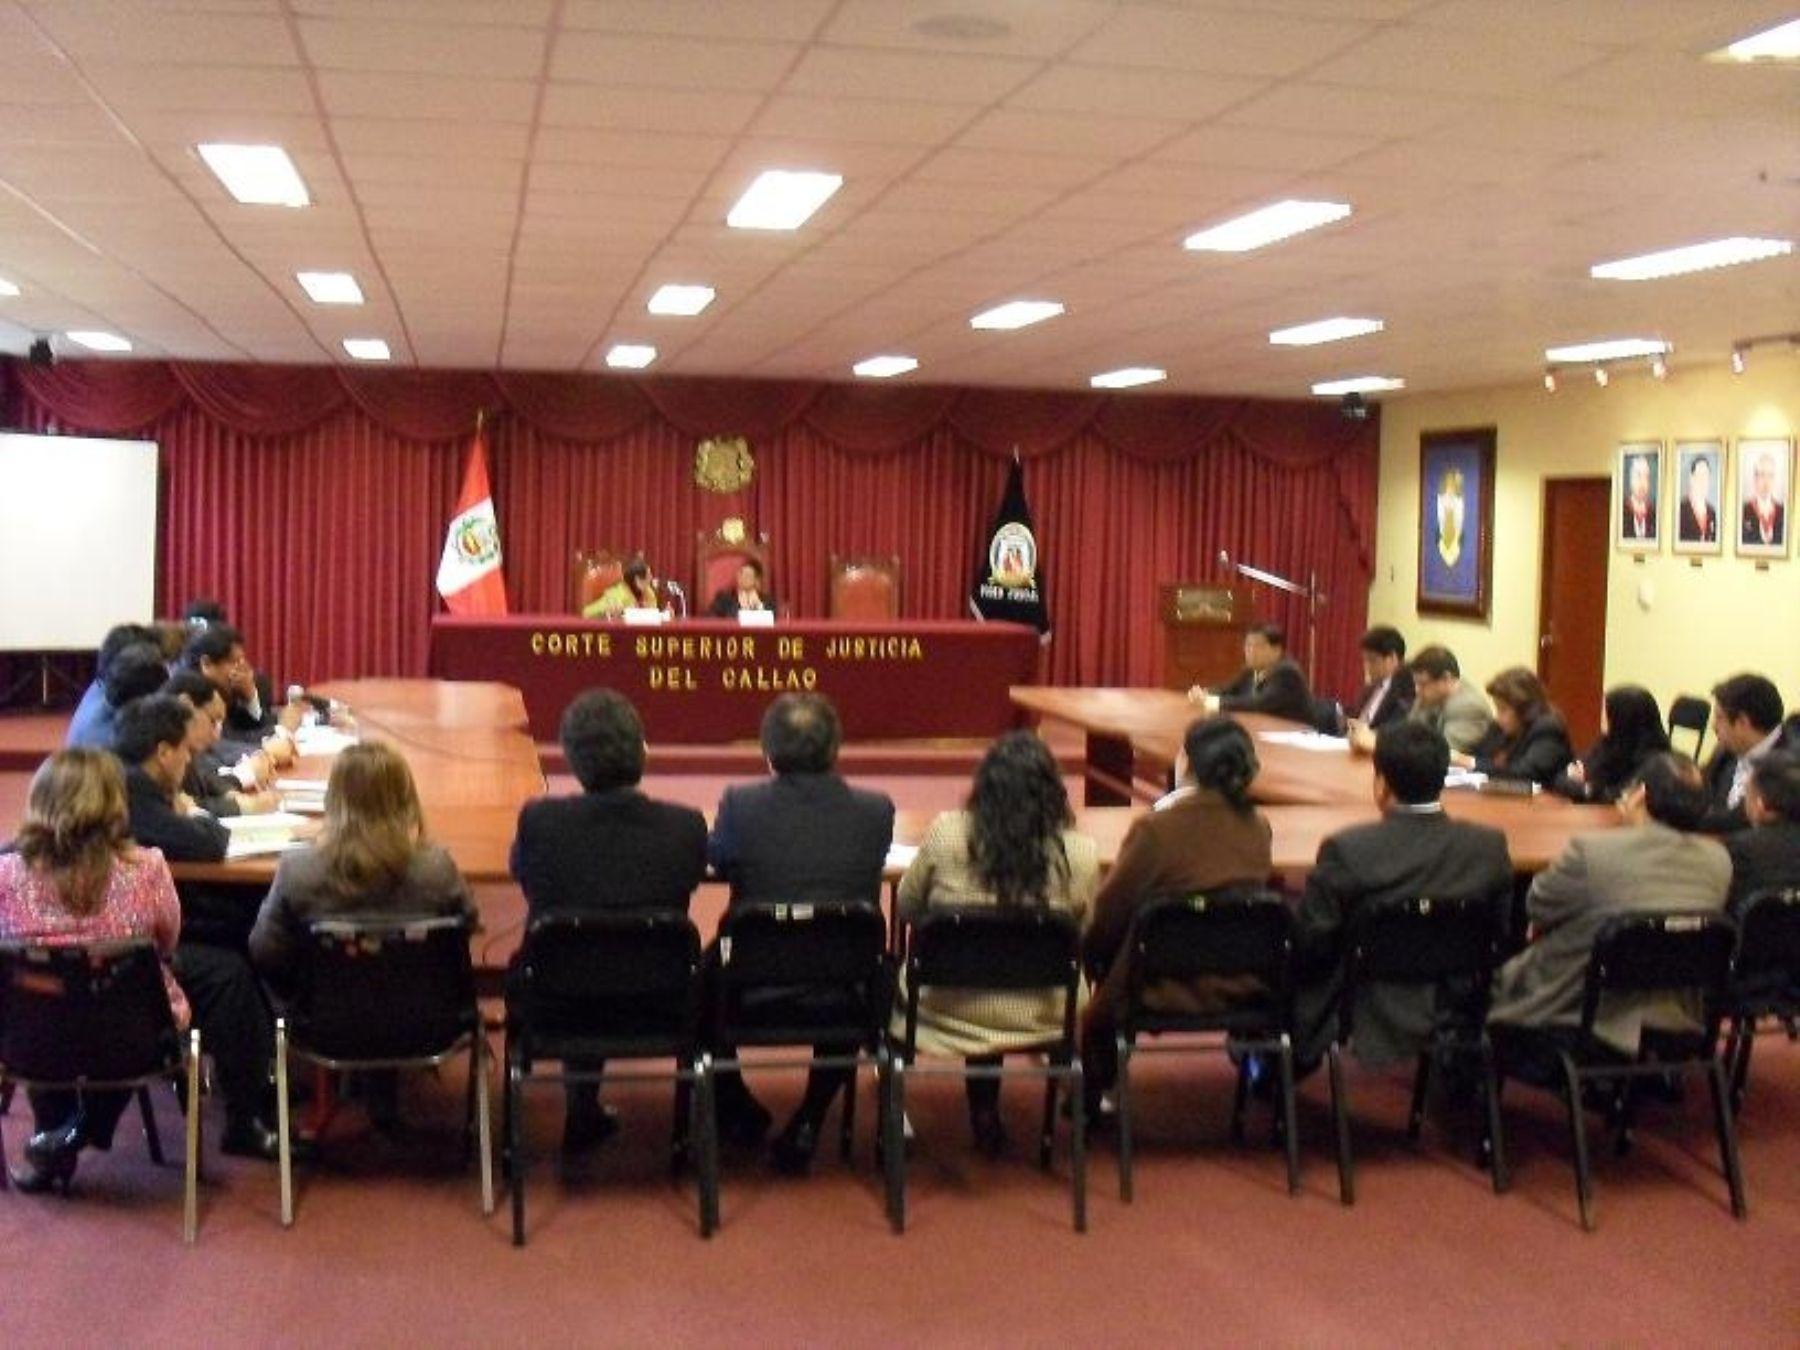 Jueces y Fiscales del distrito judicial del Callao durante reunión realizada en la Corte de Justicia del primer puerto. Foto: Corte del Callao.